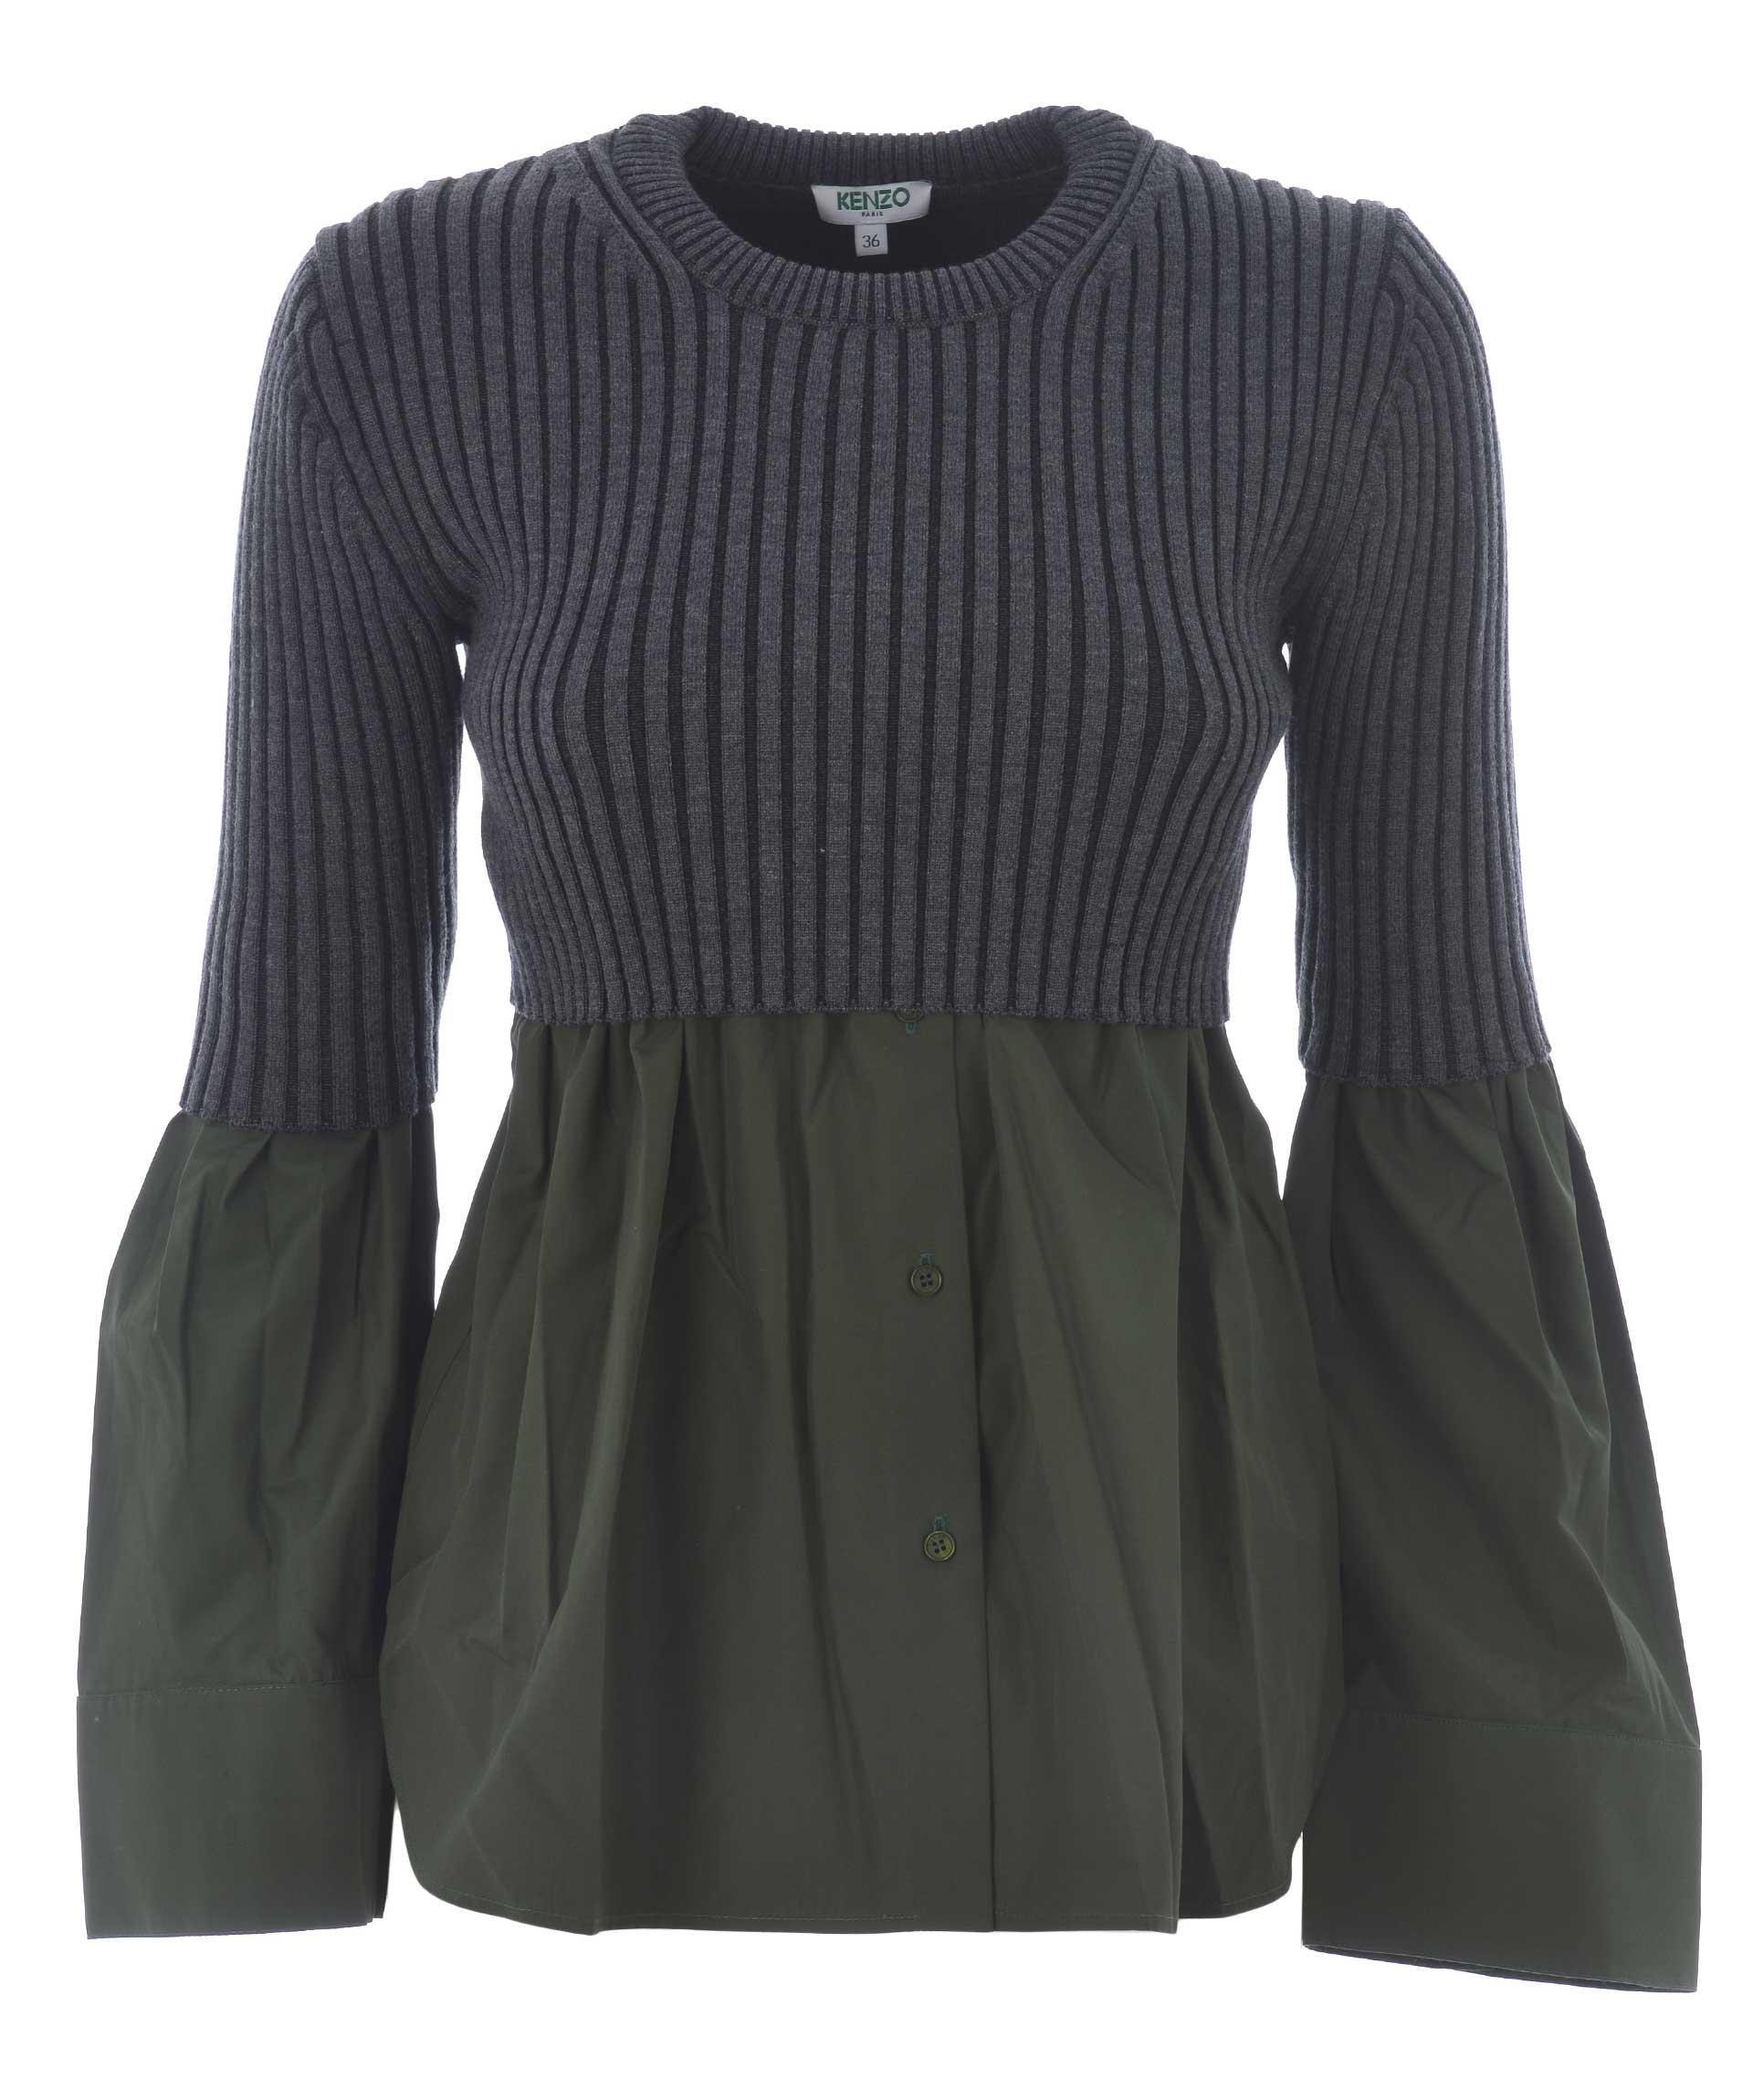 Kenzo Hybrid Sweater In Grigio Scuro-verde Scuro